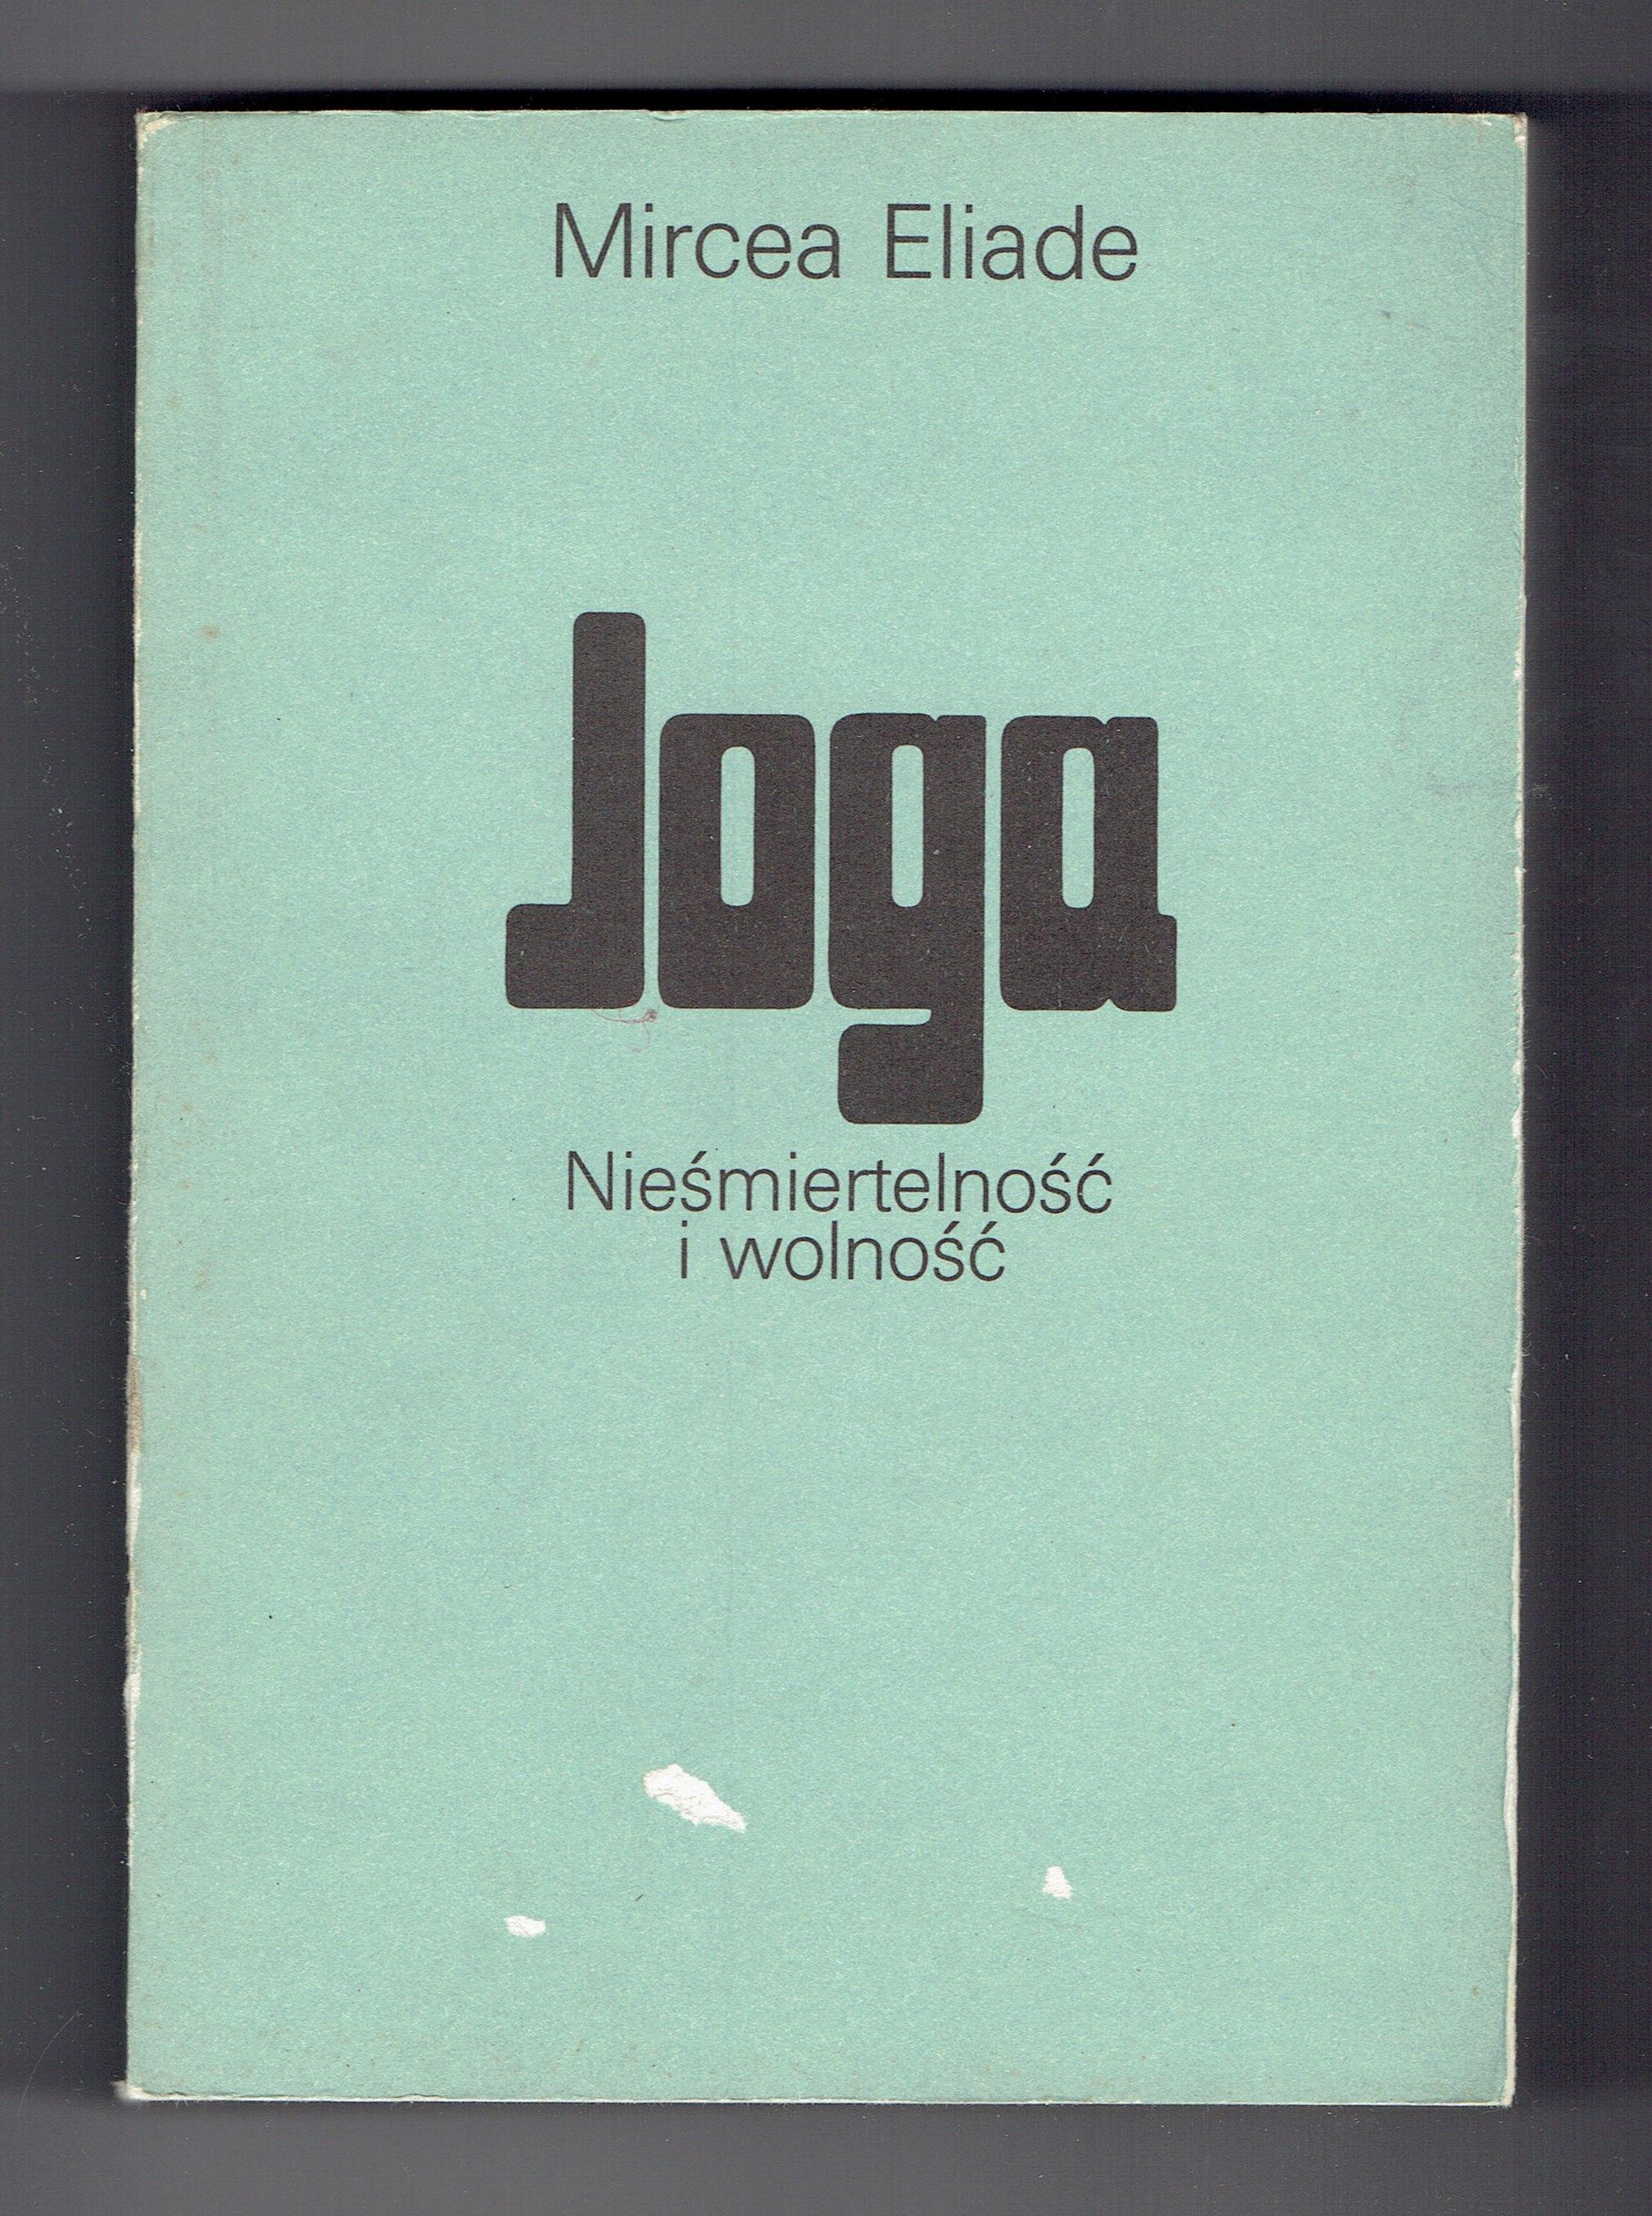 Joga - Mircea Eliade (polsky)